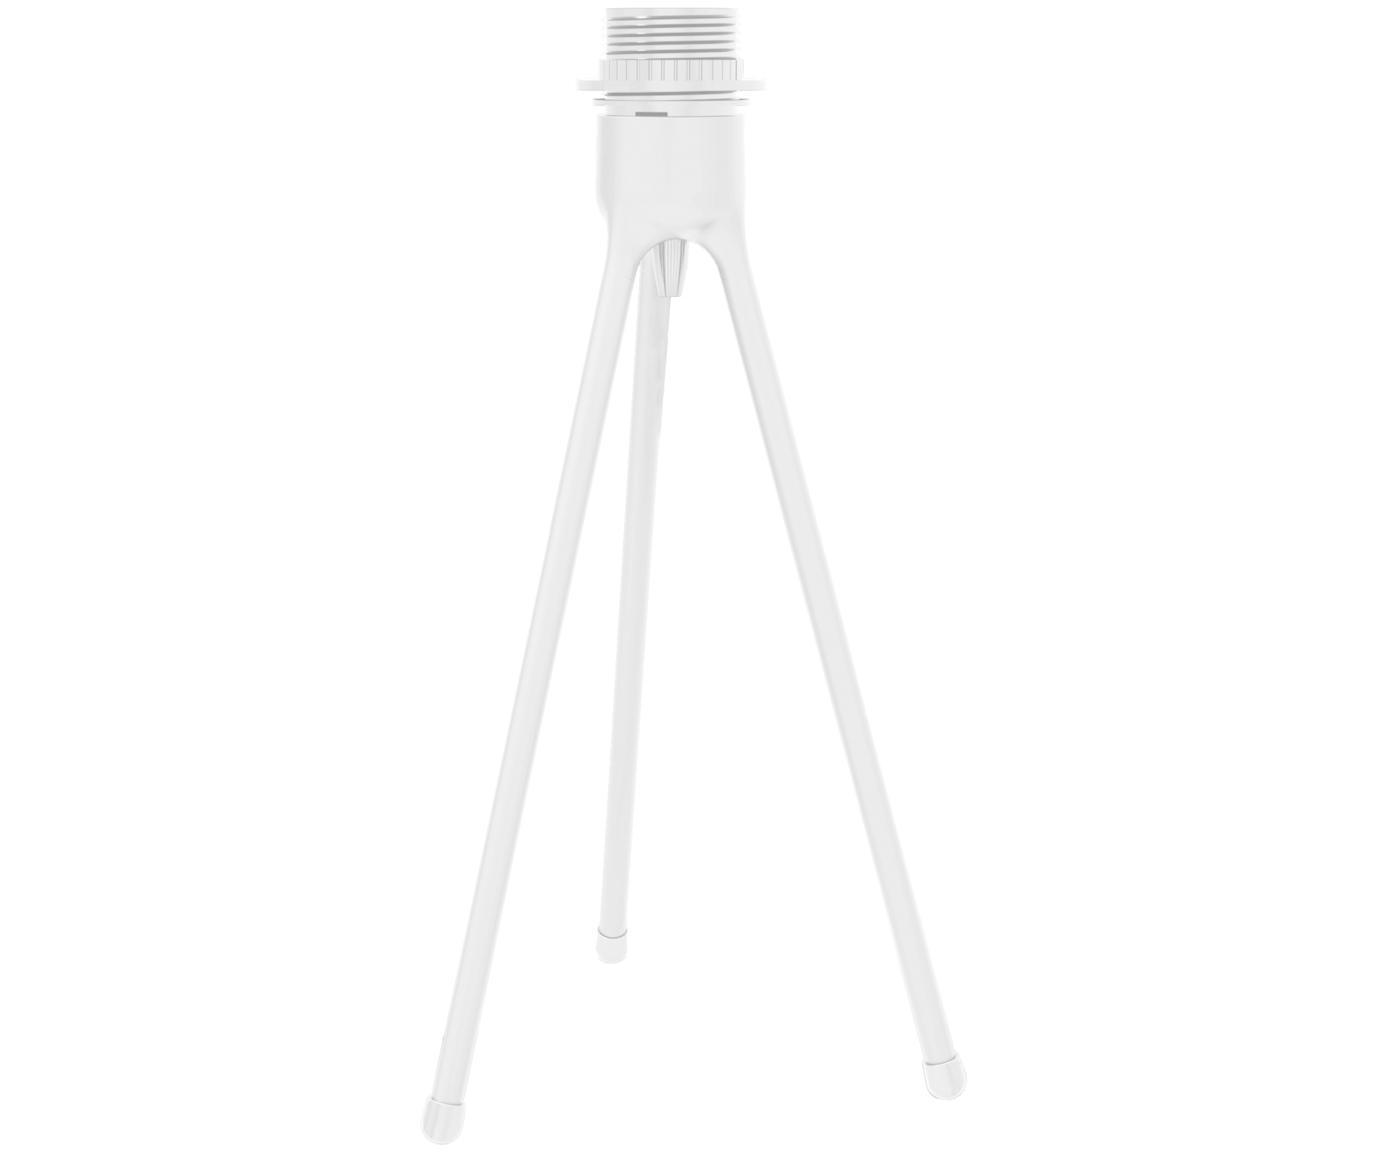 Podstawa lampy stołowej Tripod, Biały, Ø 19 x W 36 cm